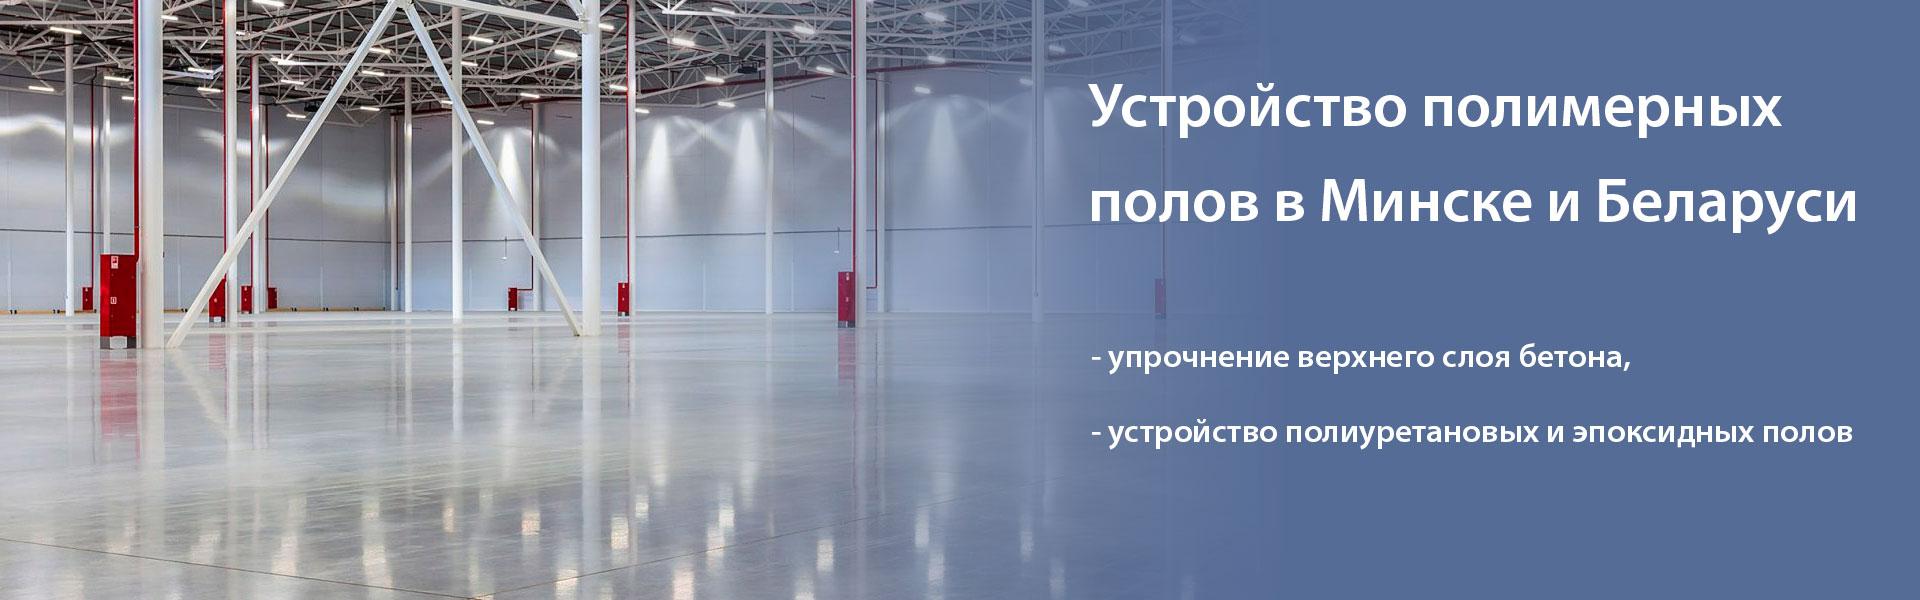 Устройство полимерных наливных промышленных полов в Минске и Беларуси